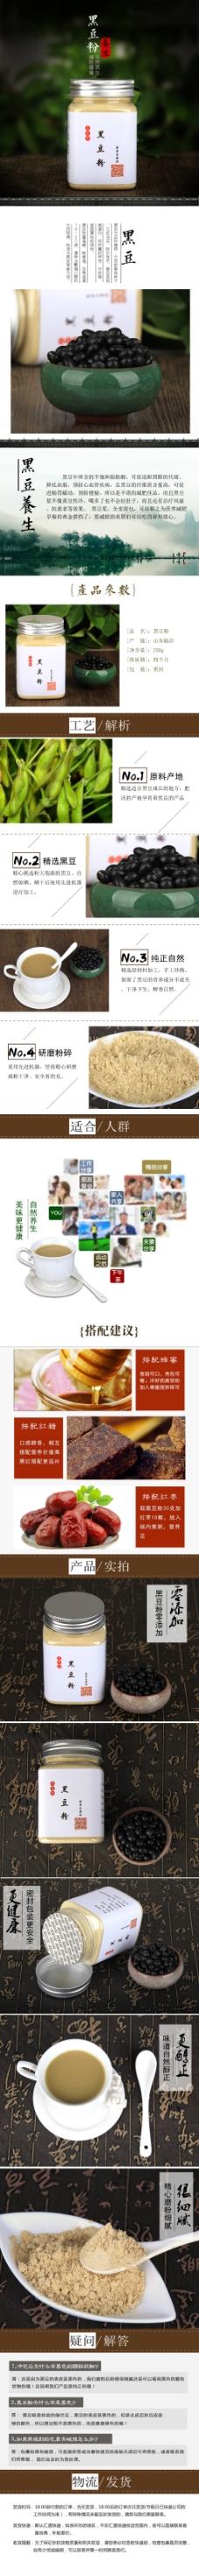 文艺古韵食品五谷杂粮详情设计